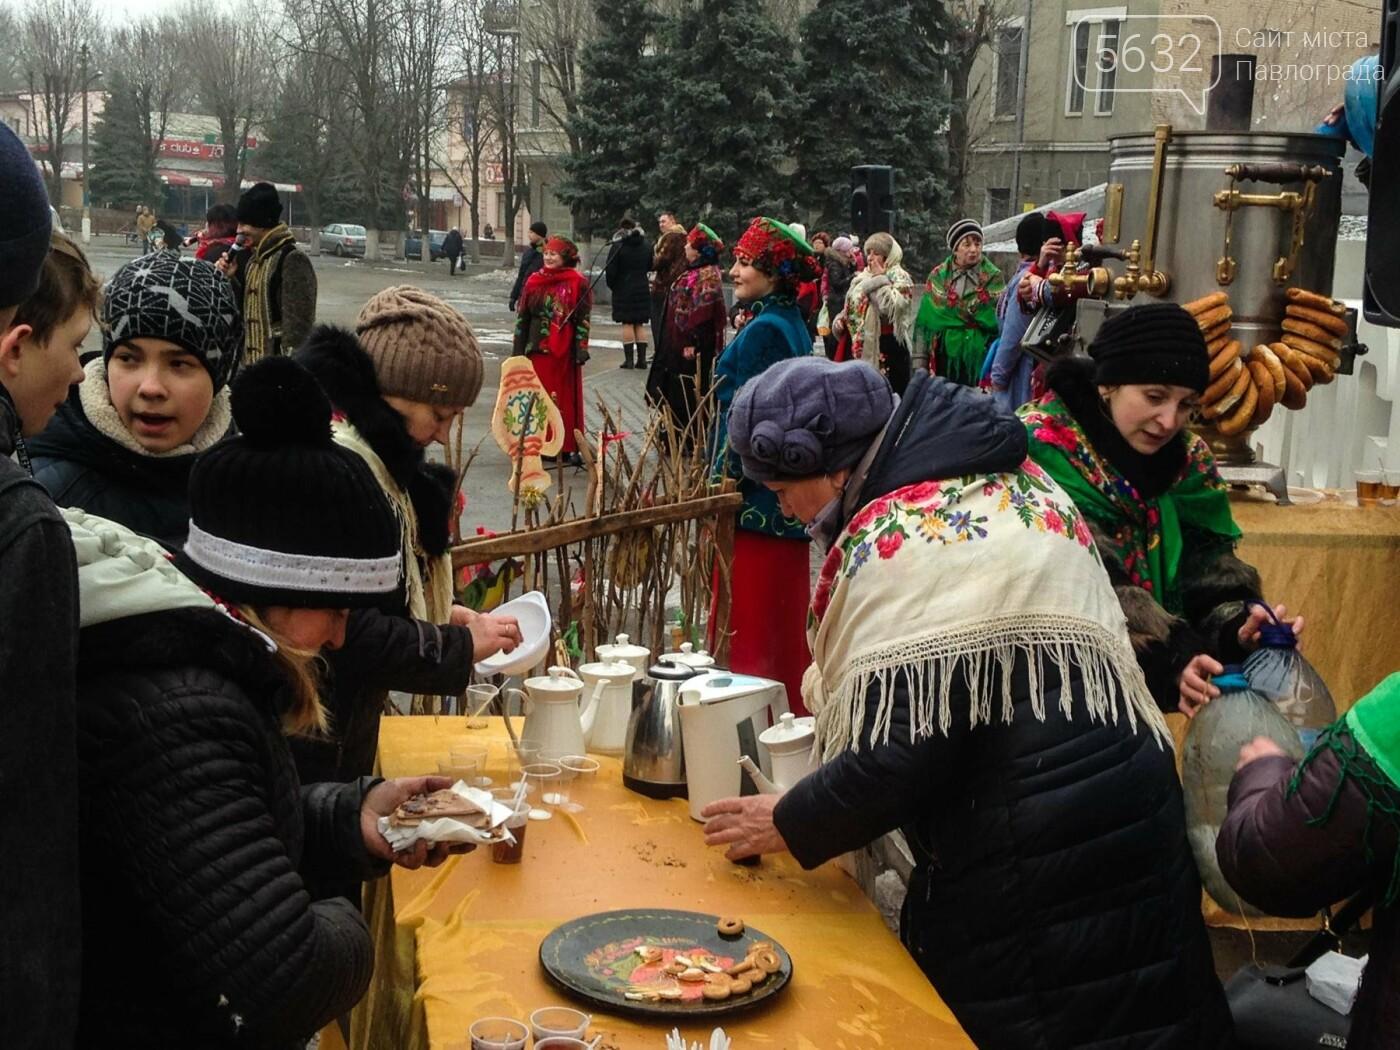 Павлоградцы устроили на Масленицу настоящие народные гулянья, фото-7